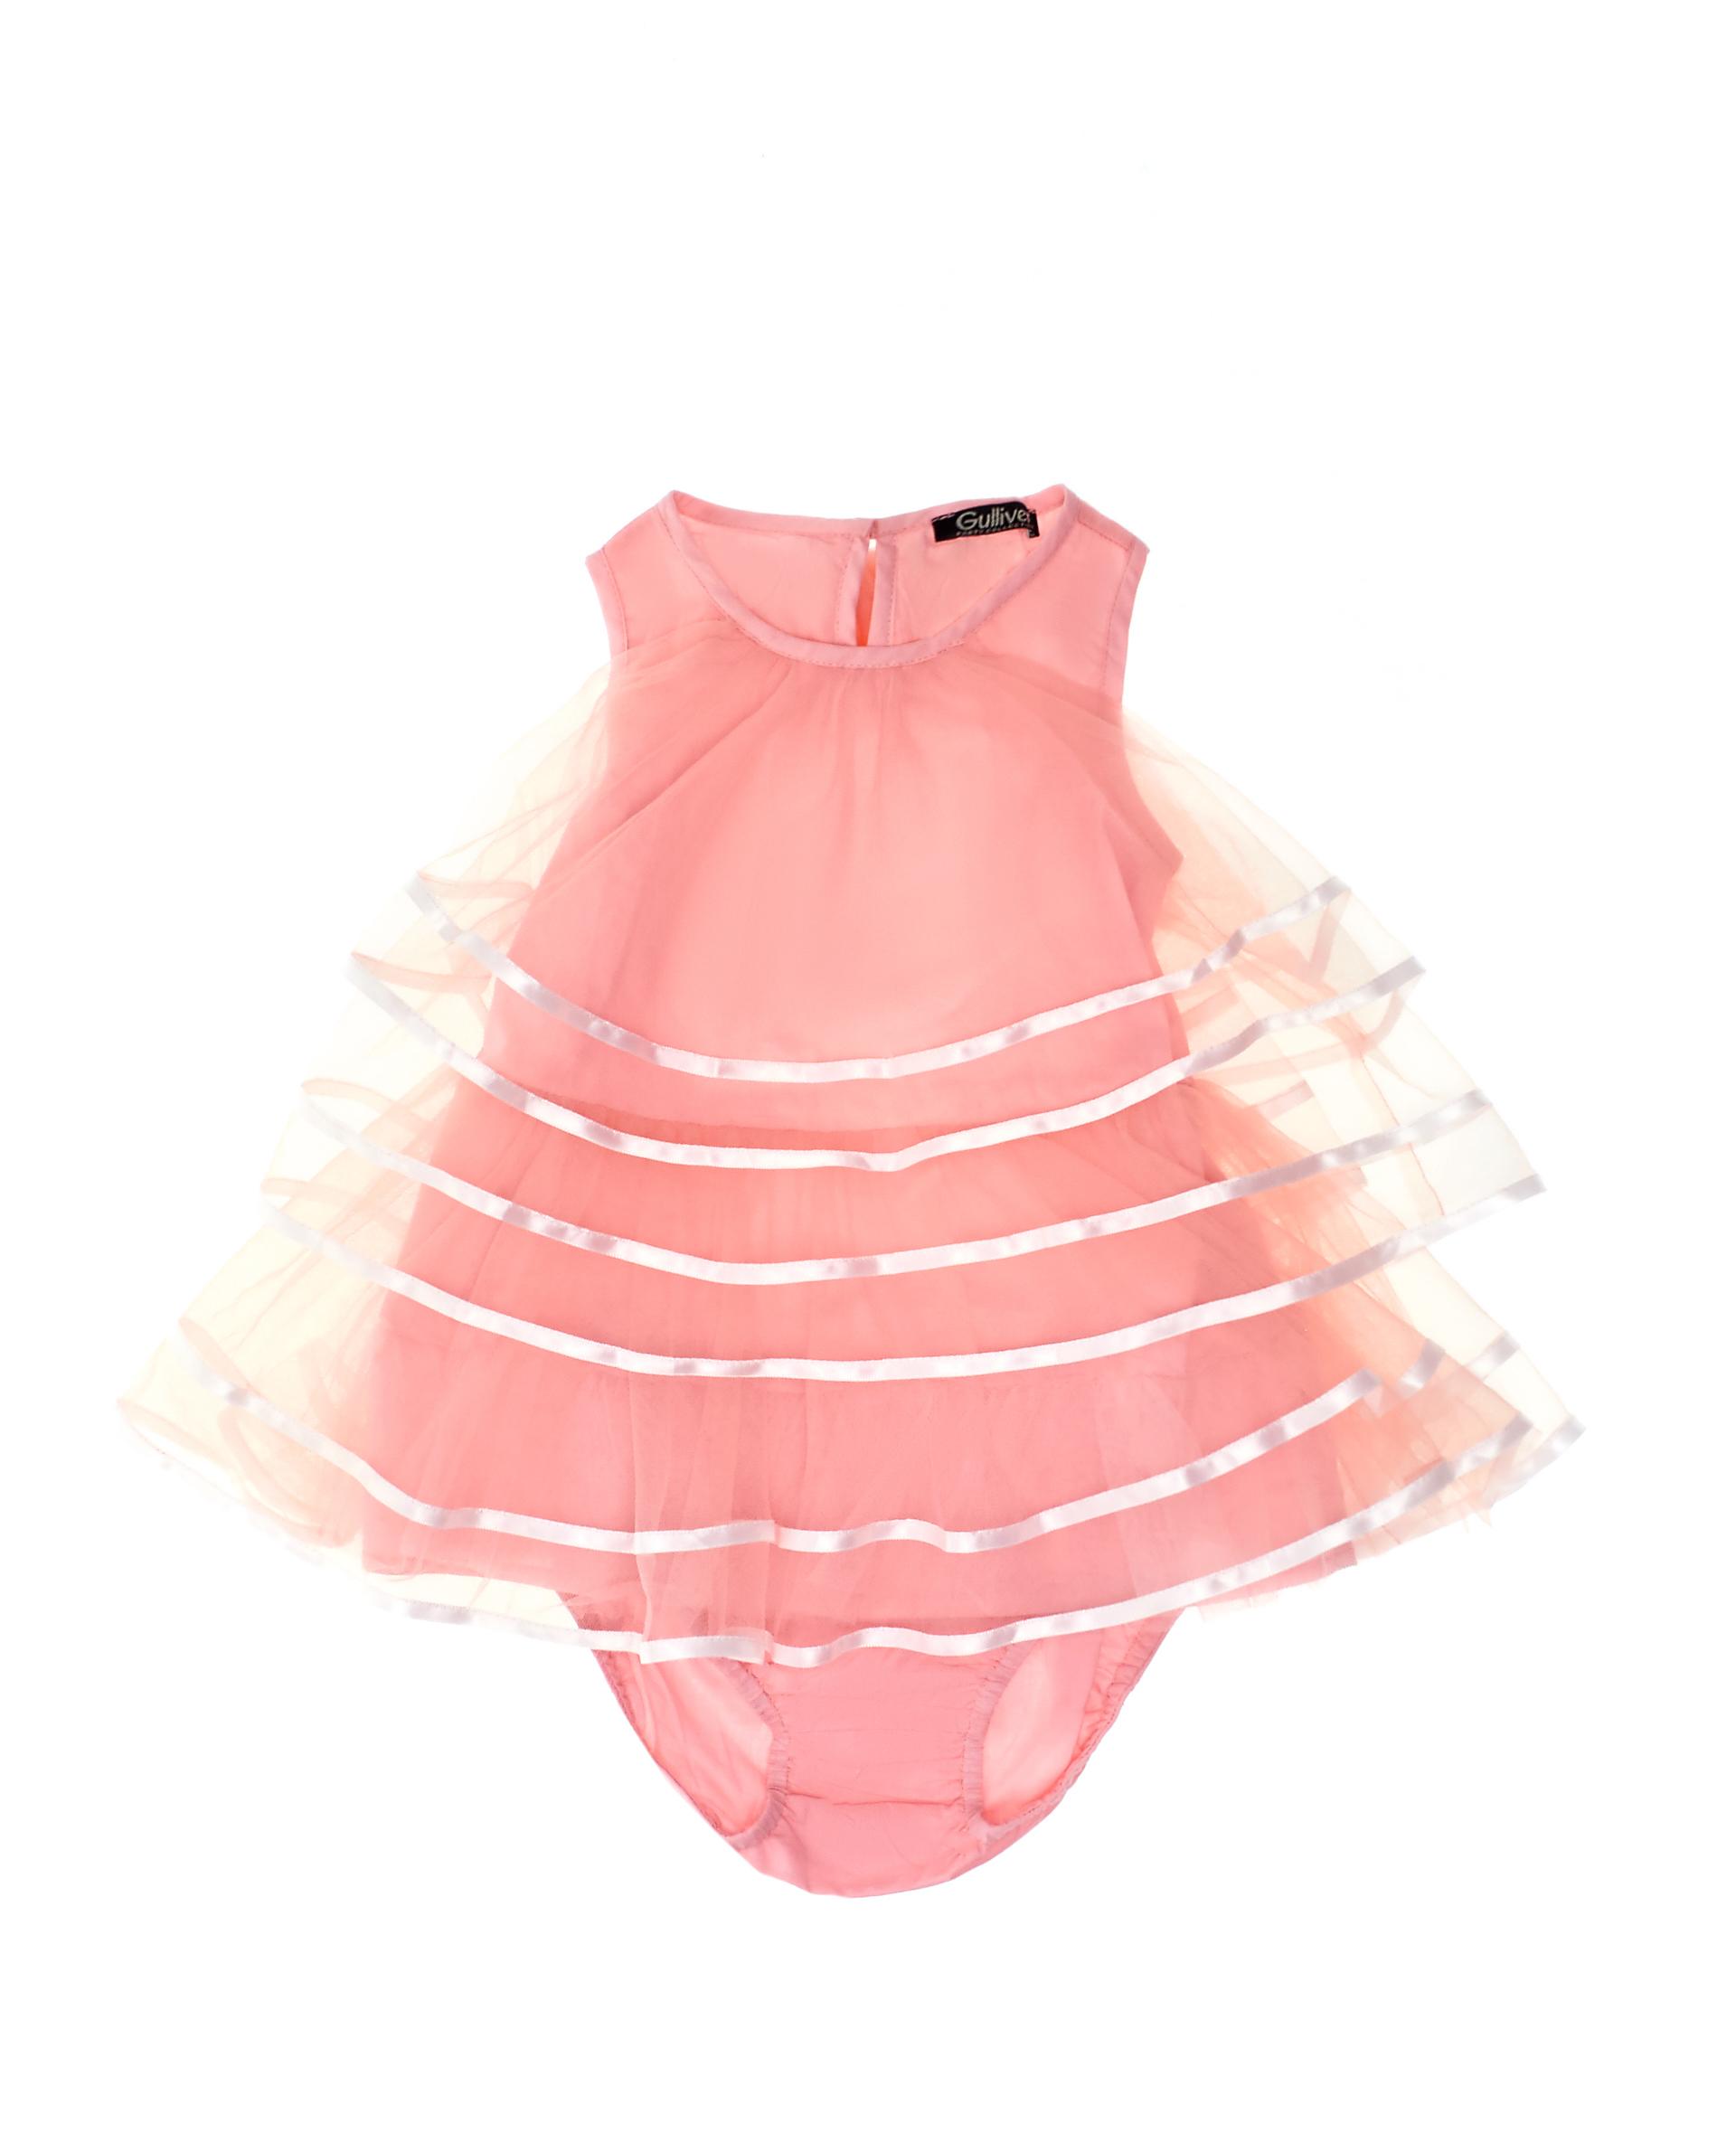 Купить 119GPGBC2901, Комплект из платья и трусов Gulliver, Gulliver Baby, розовый, 86, Женский, ВЕСНА/ЛЕТО 2019 (shop: GulliverMarket Gulliver Market)